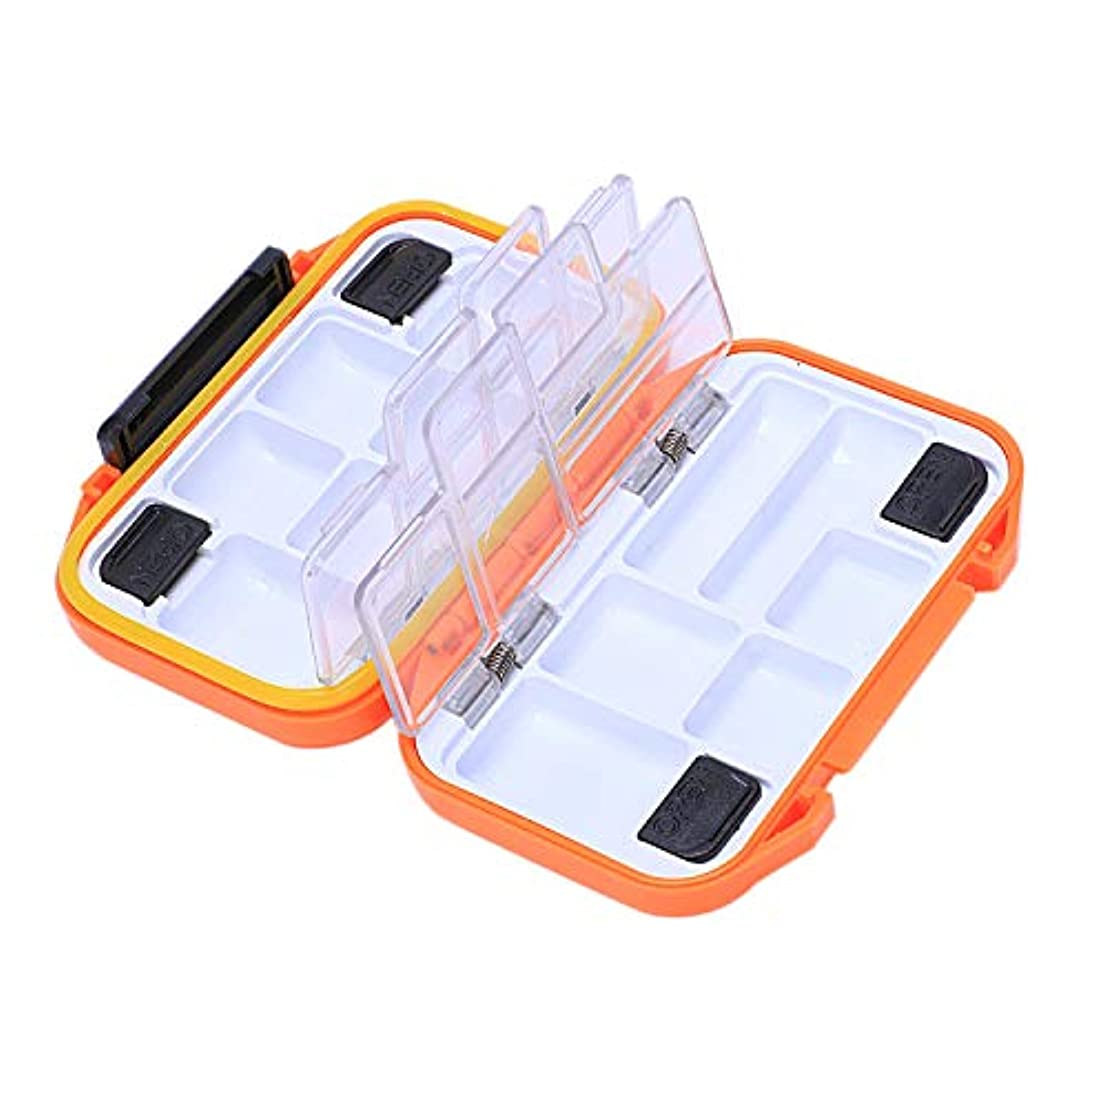 テロリスト苦悩正気TOOGOO 多機能釣り収納ボックス防水二重層オレンジプラスチックボックスフックアクセサリー釣りギア釣り用品ボックスセット - S